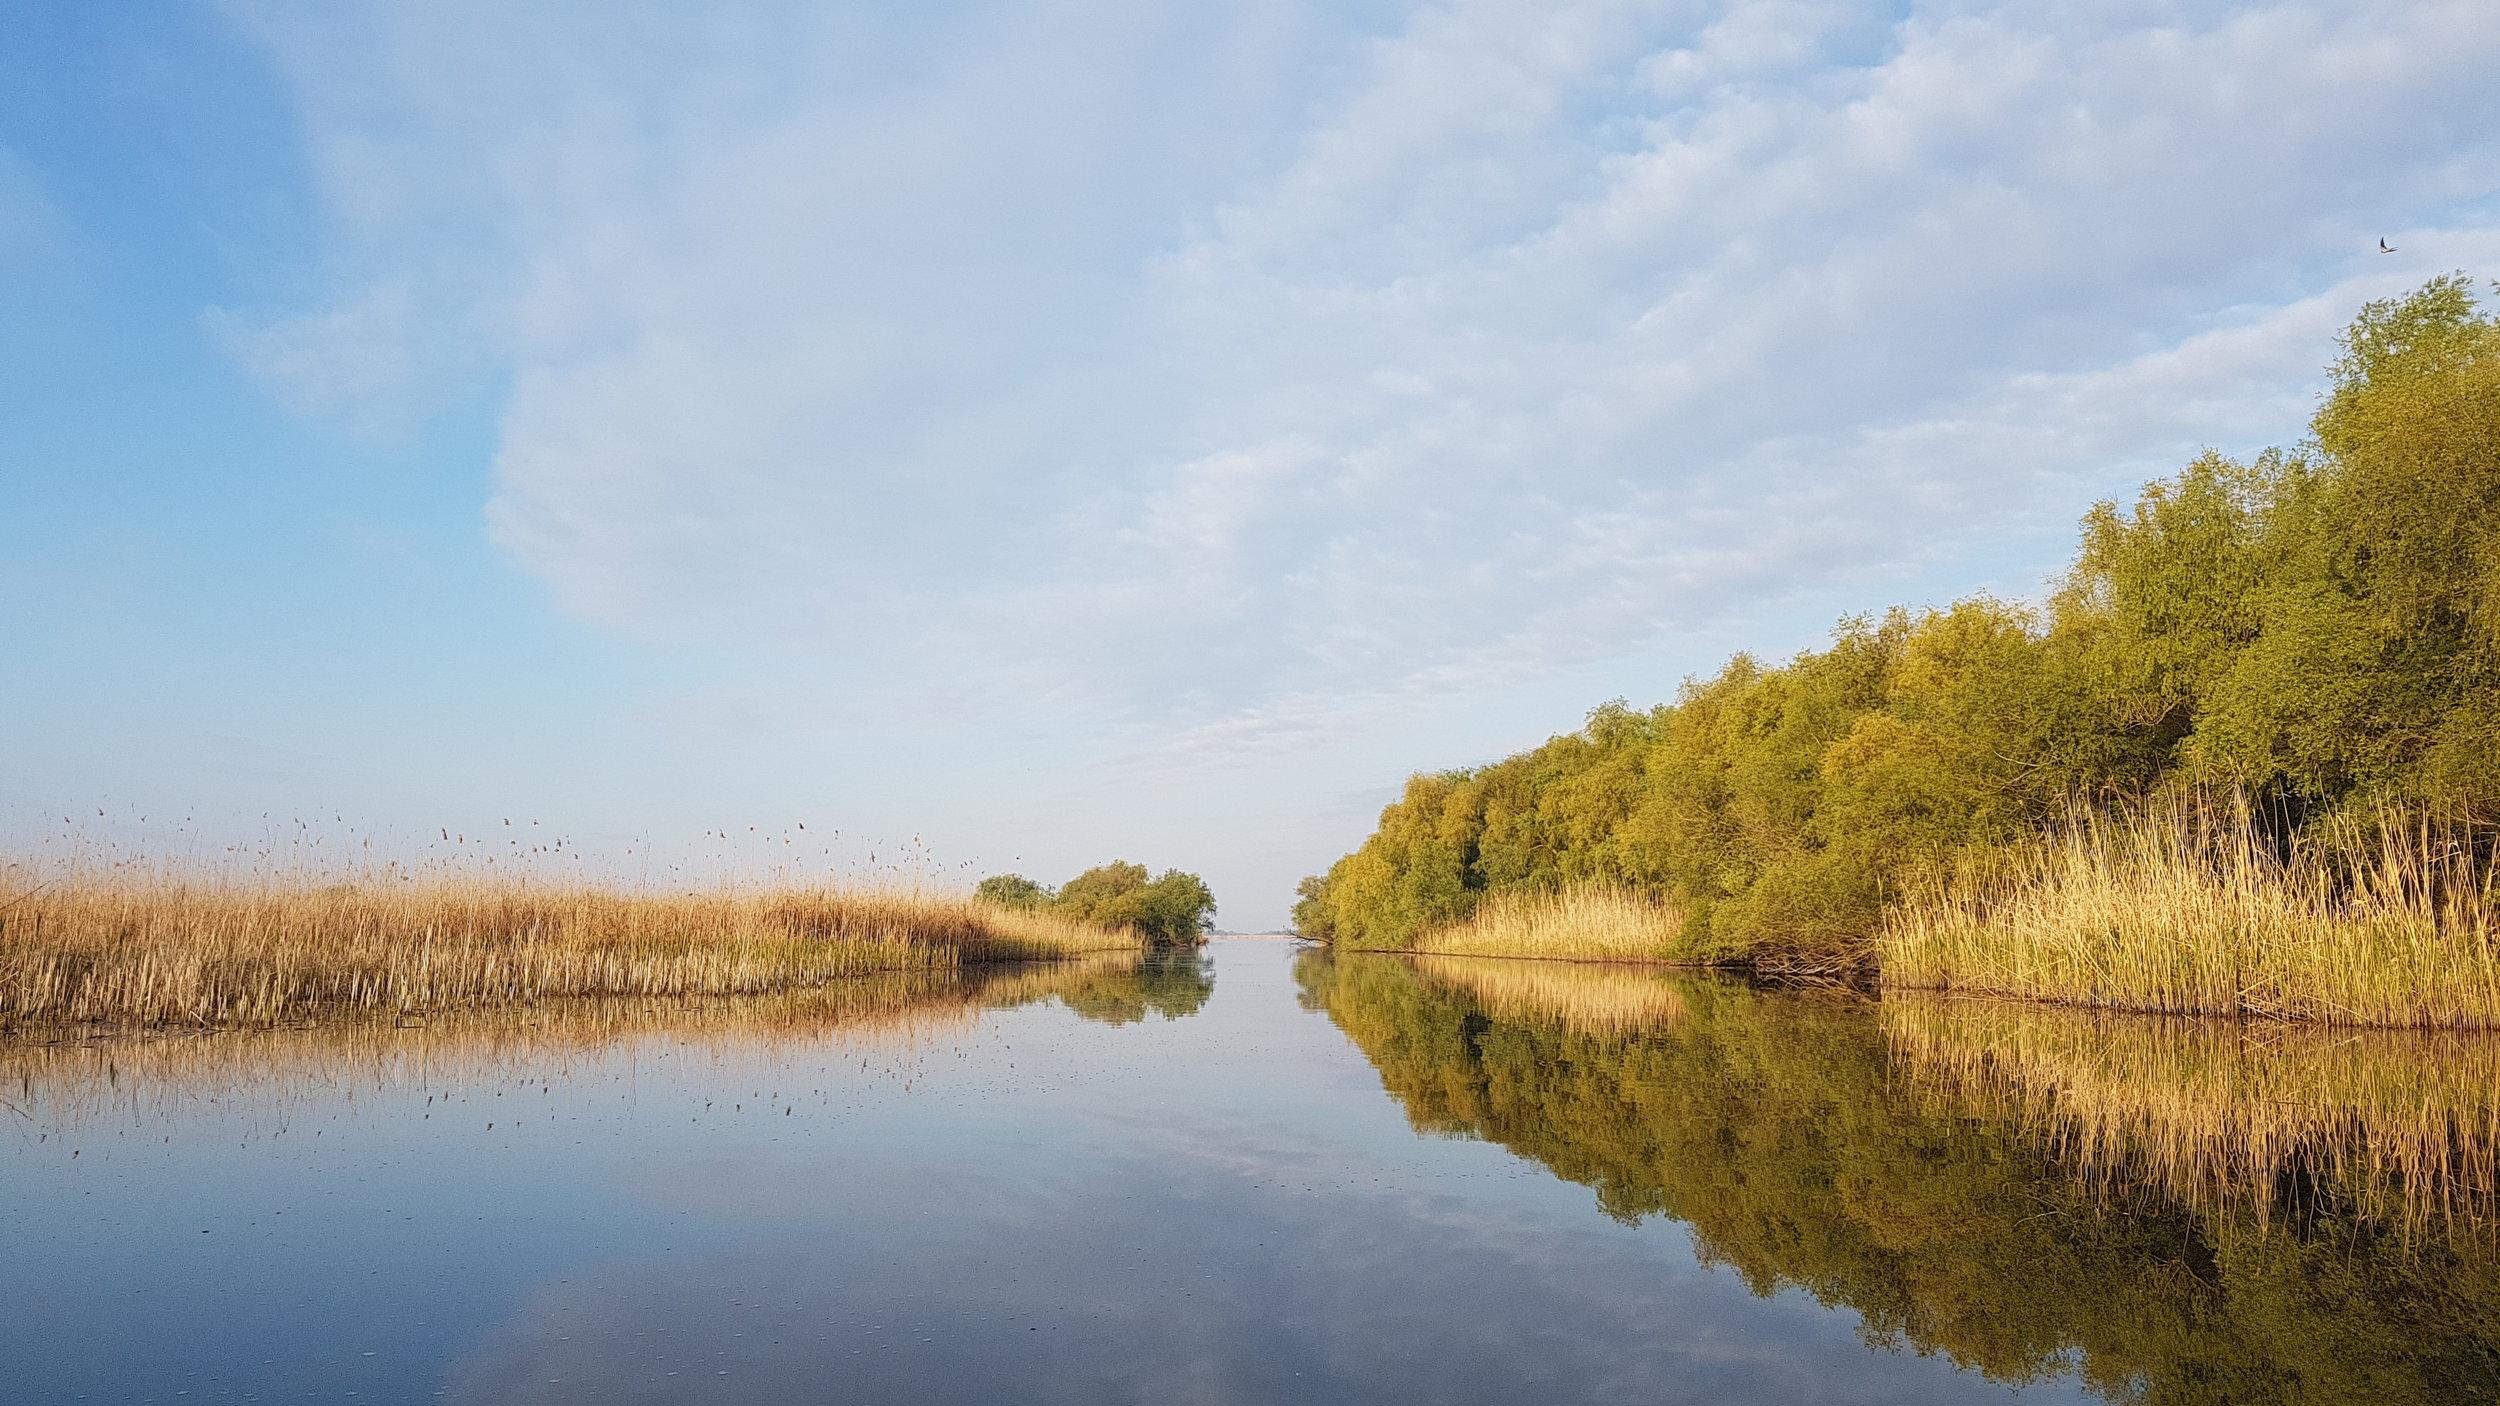 Morning in the Danube Delta